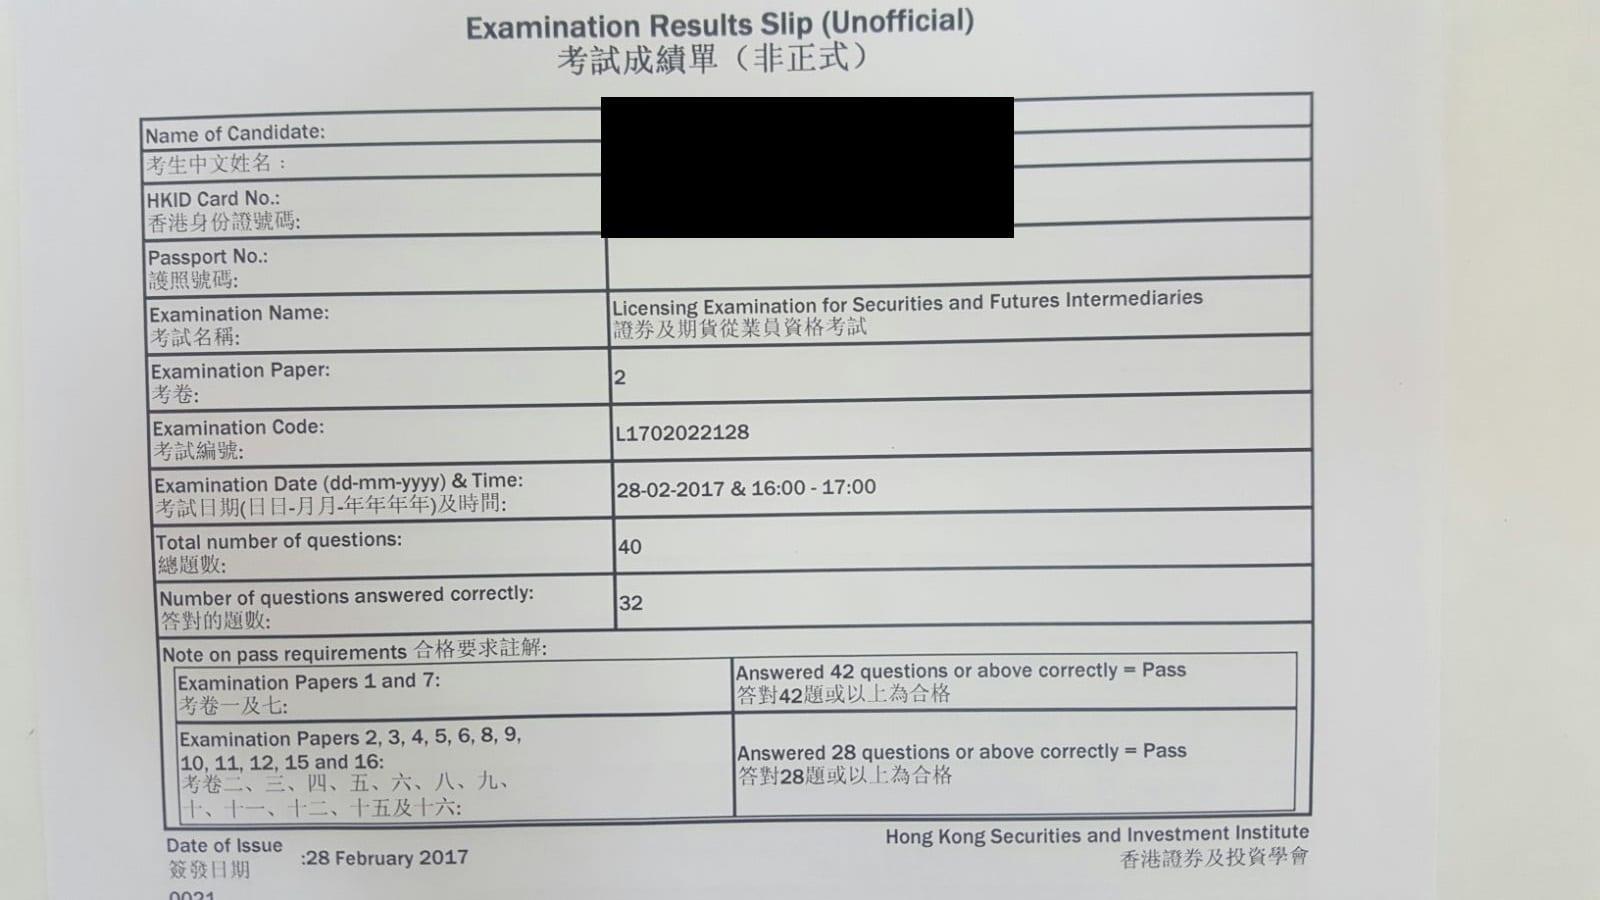 """KKW 28/2/2017 LE Paper 2 證券期貨從業員資格考試卷二"""" is locked DH 21/2/2017 LE Paper 2 證券期貨從業員資格考試卷二"""